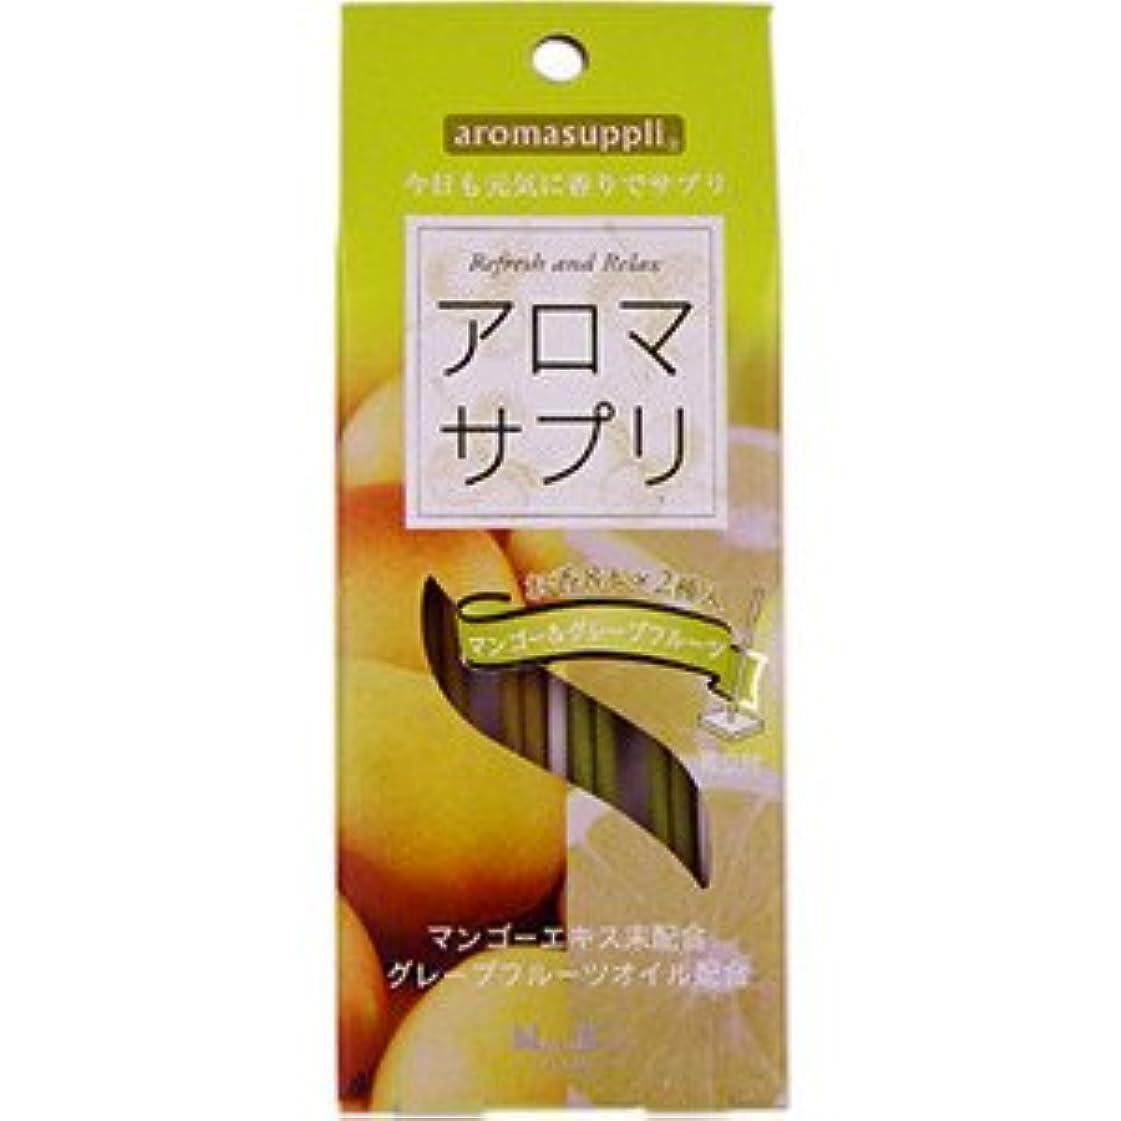 集中的な胆嚢柔らかい足日本香堂 アロマサプリ マンゴー&グレープフルーツ